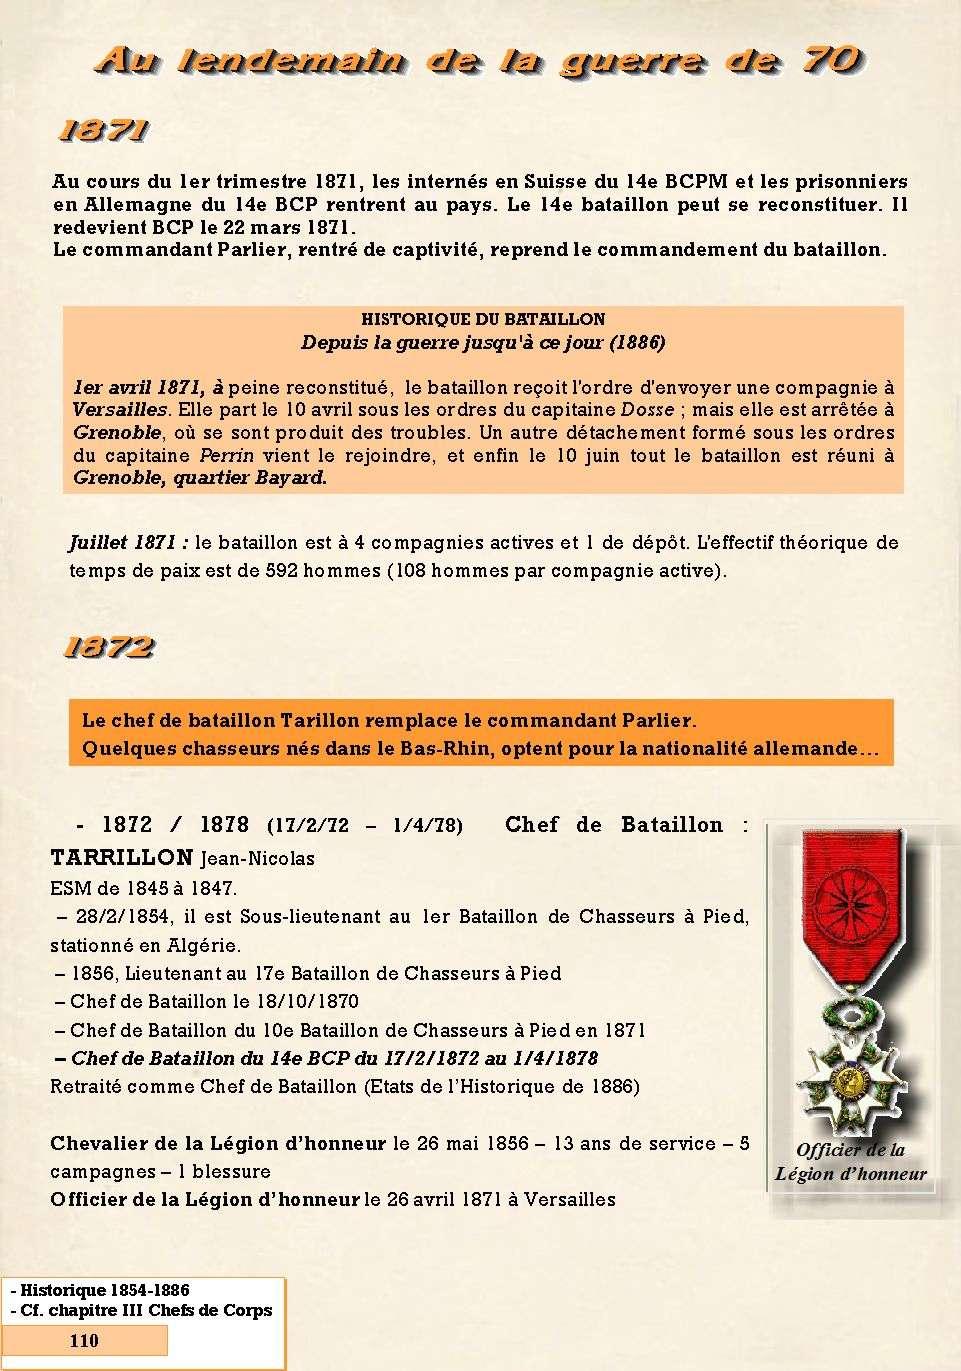 L'Historique du 14e Bataillon de Chasseurs. 1854 - 1962 Page_131